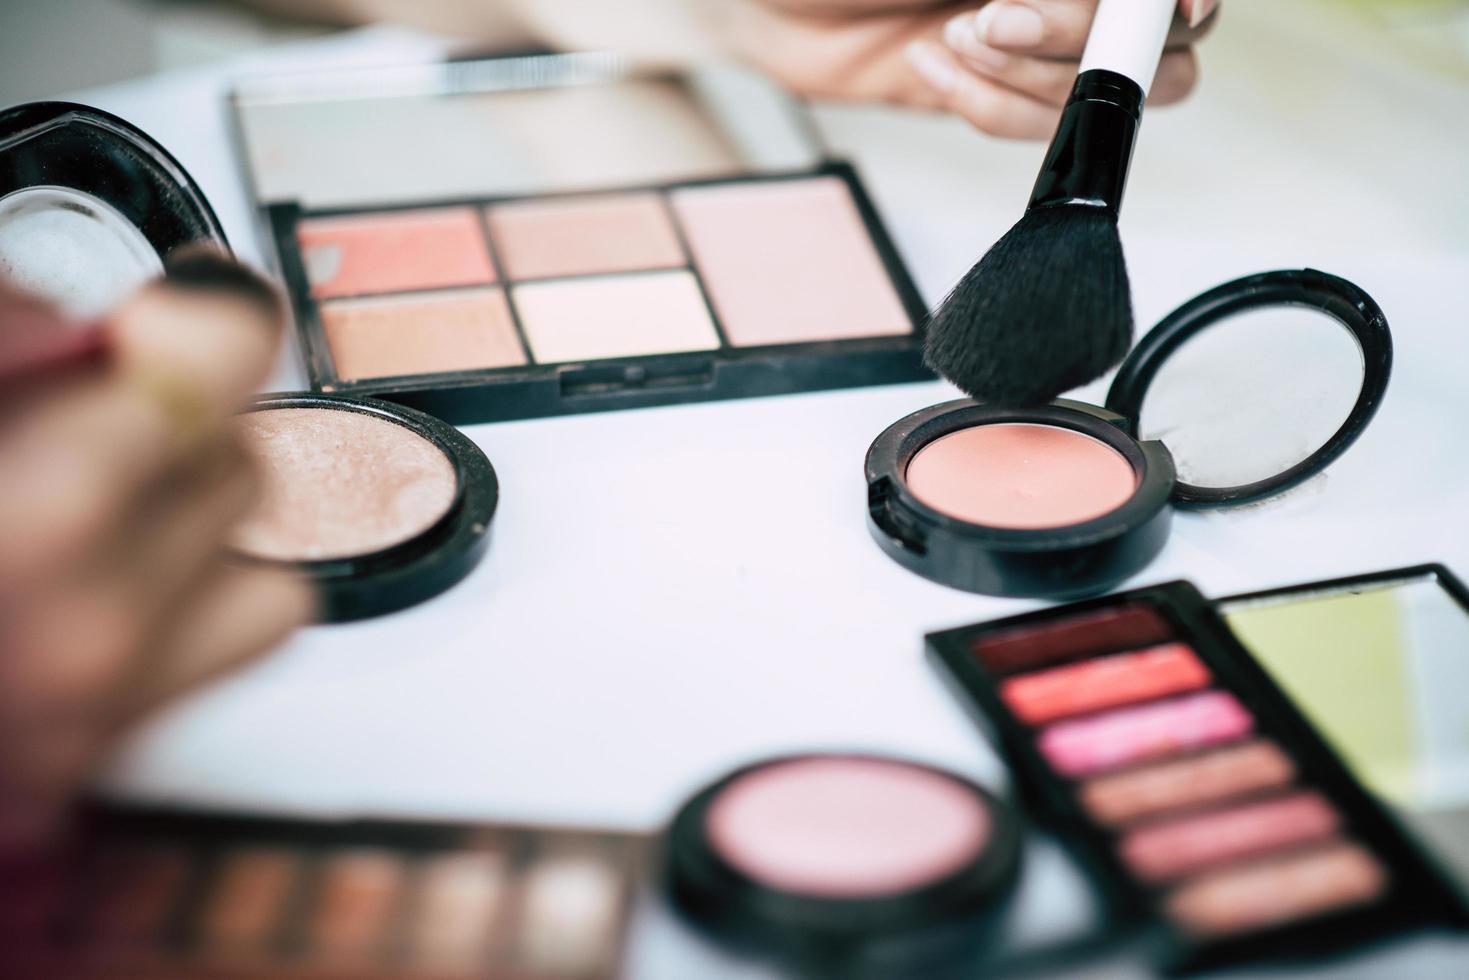 donne che fanno trucco con pennello e cosmetici foto